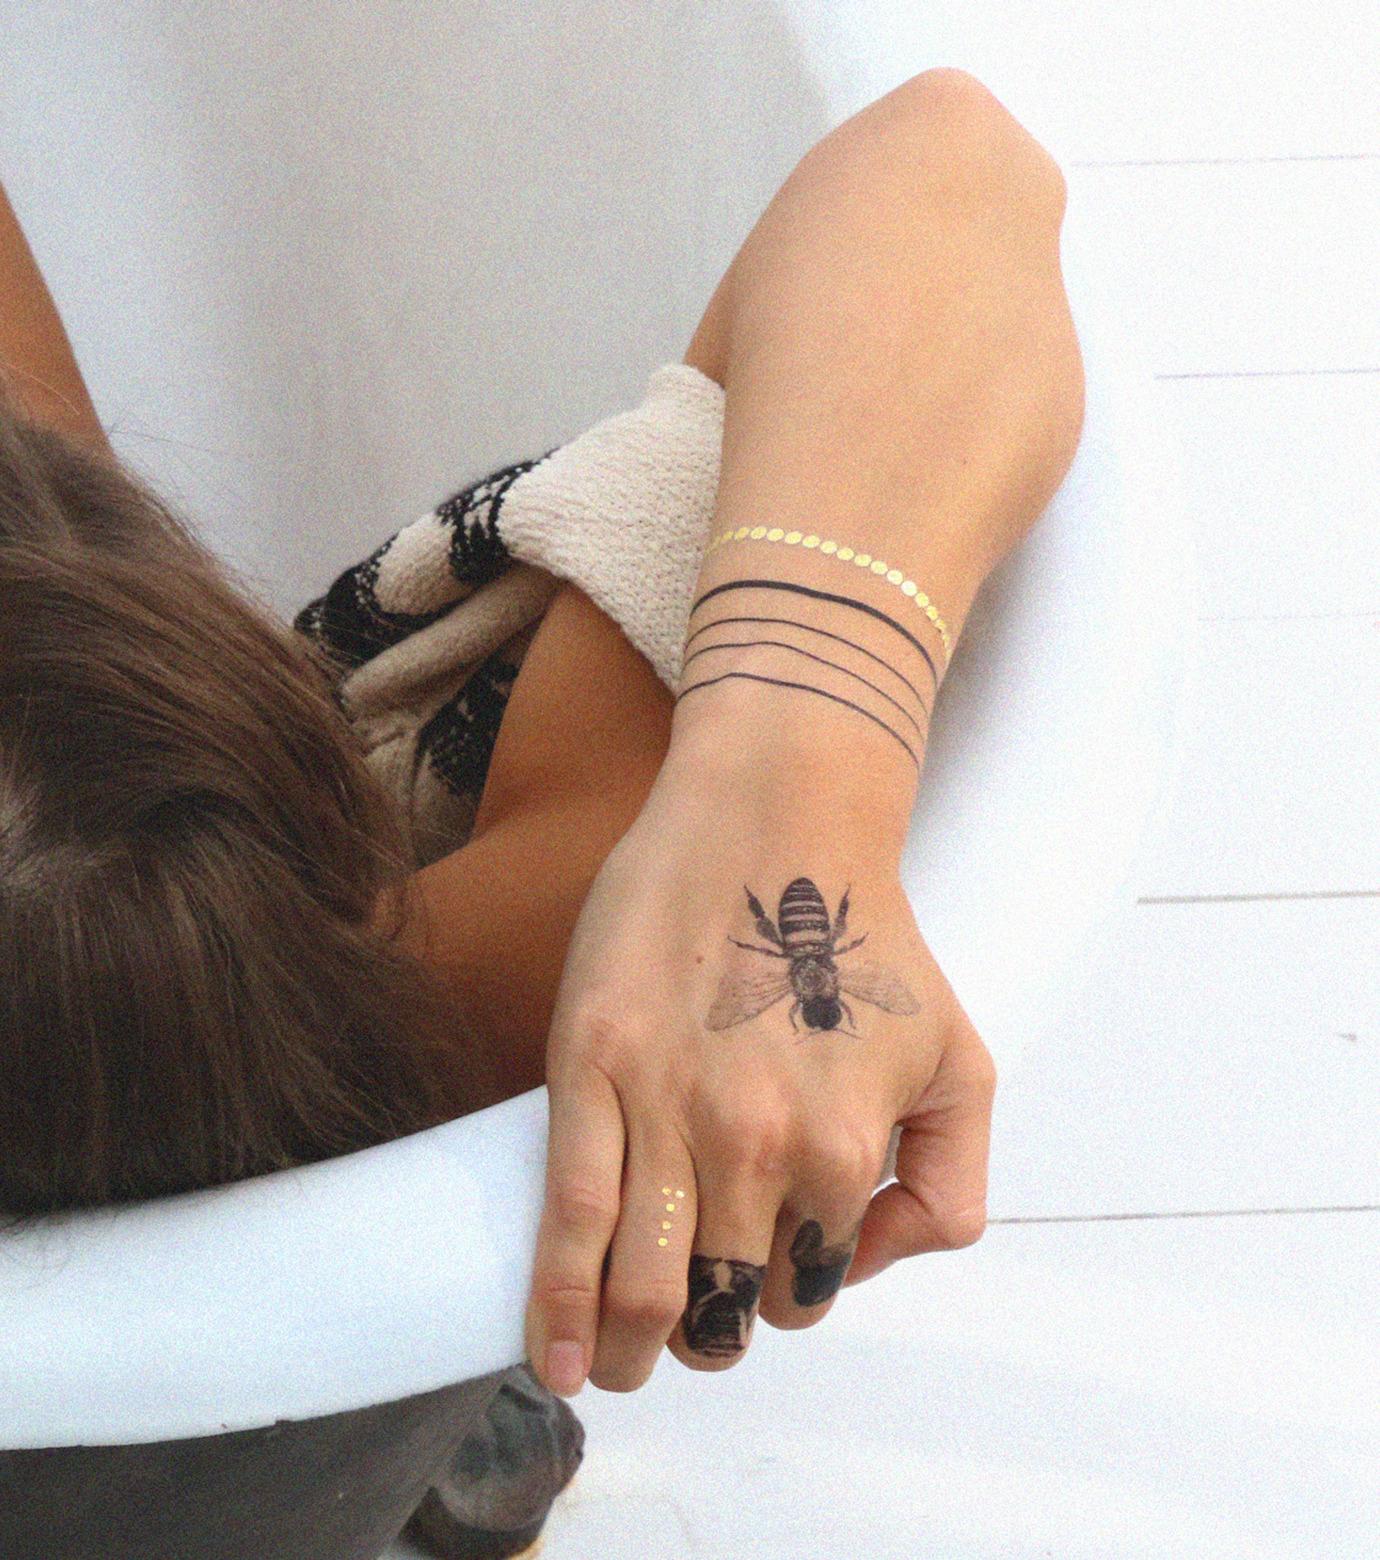 DCER(ディーシーイーアール)のLine Bracelet Tattoo-BLACK(MAKE-UP/MAKE-UP)-FW15007-13 拡大詳細画像3